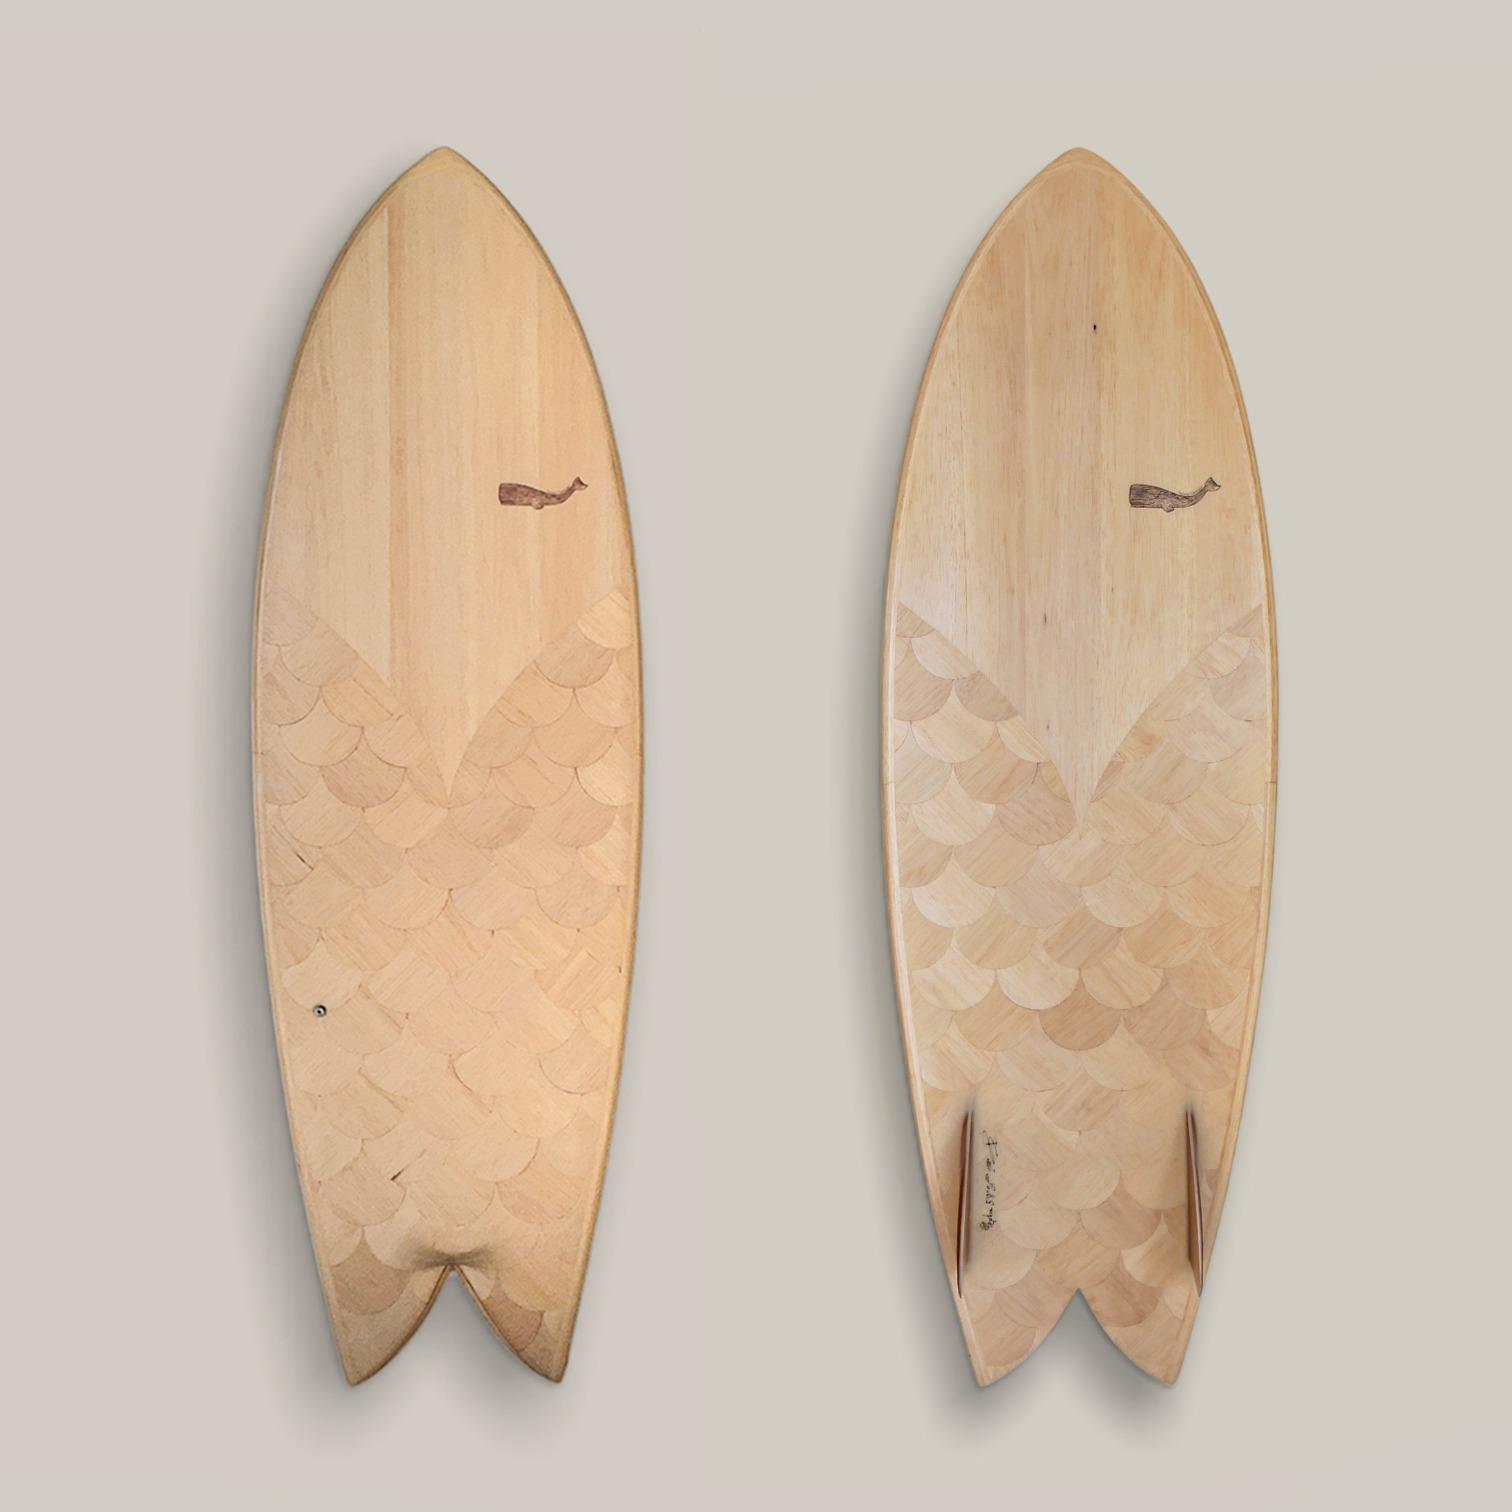 Cachalot Surfboards balsa planche surf handmade artisan shaper hollow bois